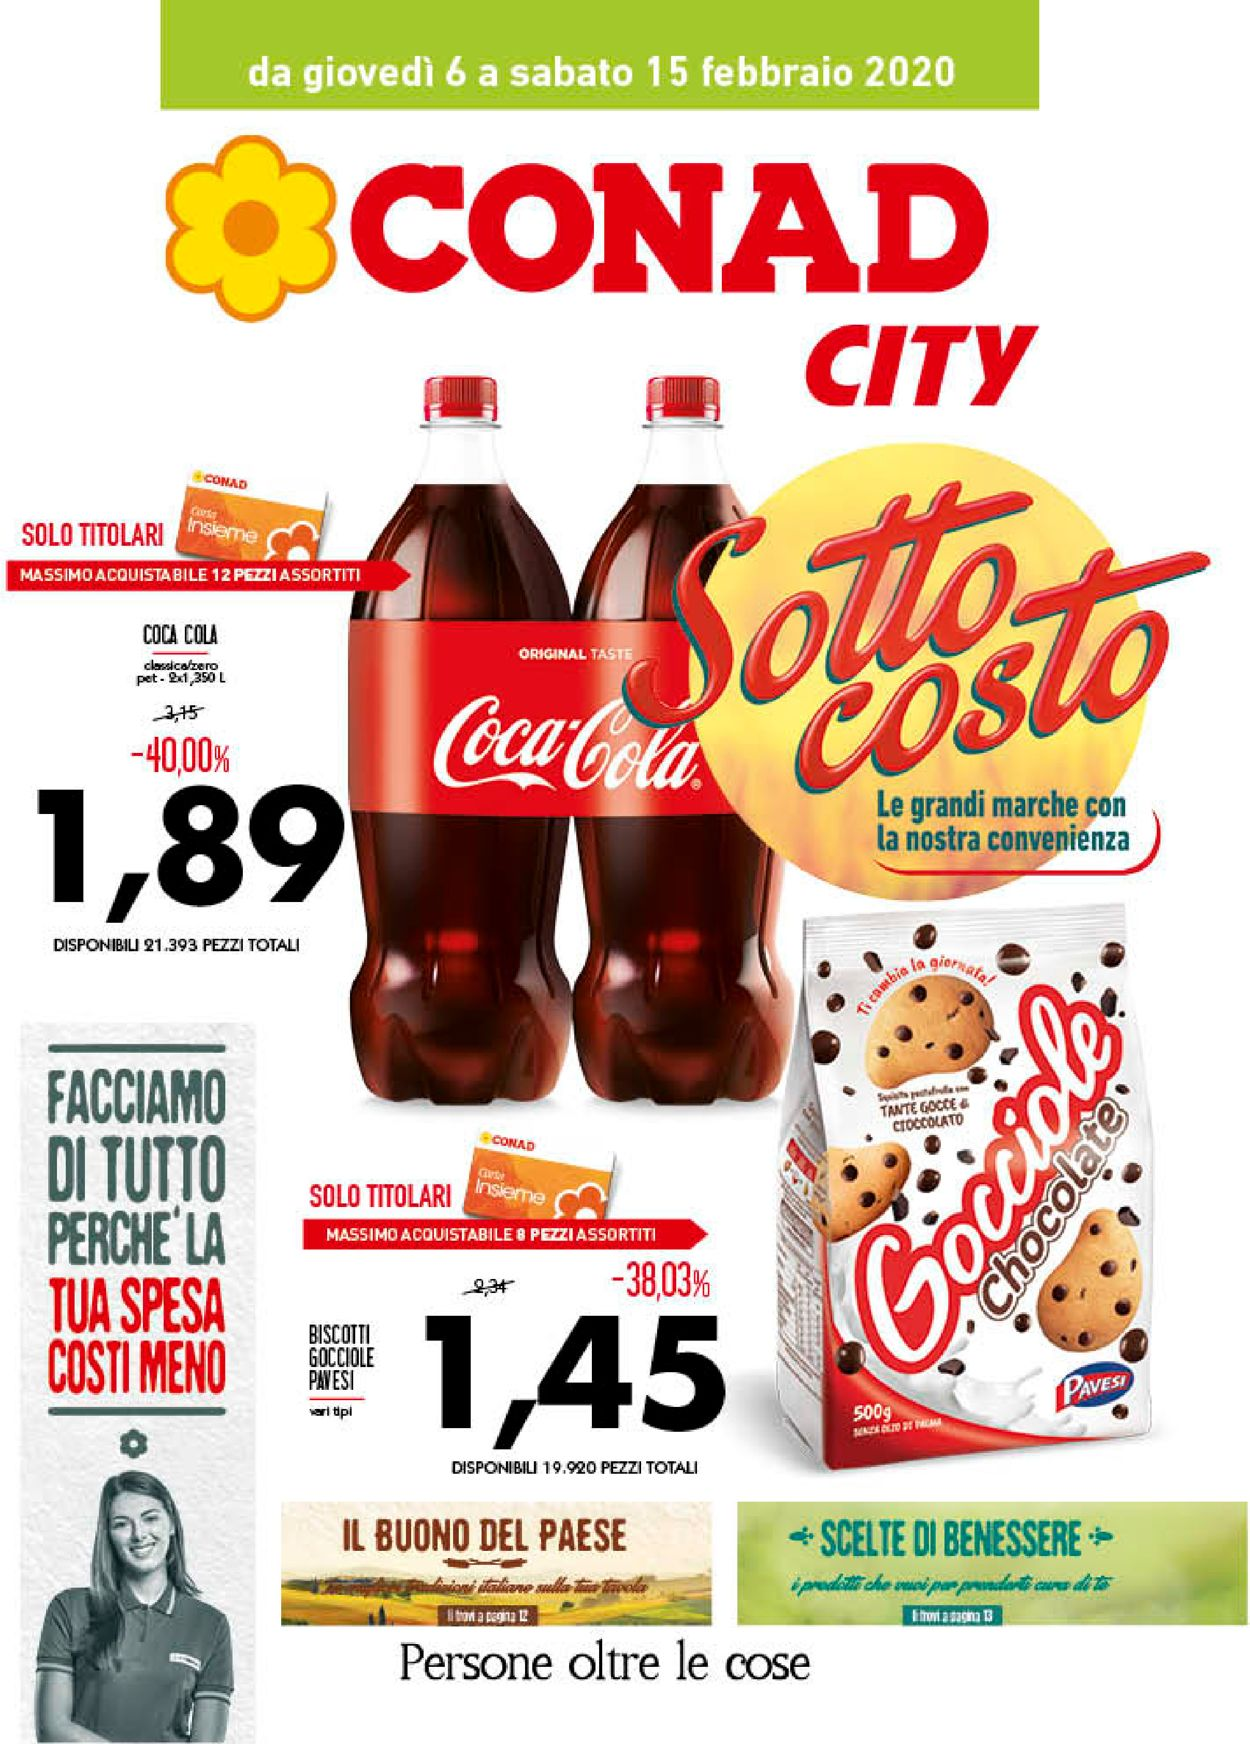 Volantino Conad - Offerte 06/02-15/02/2020